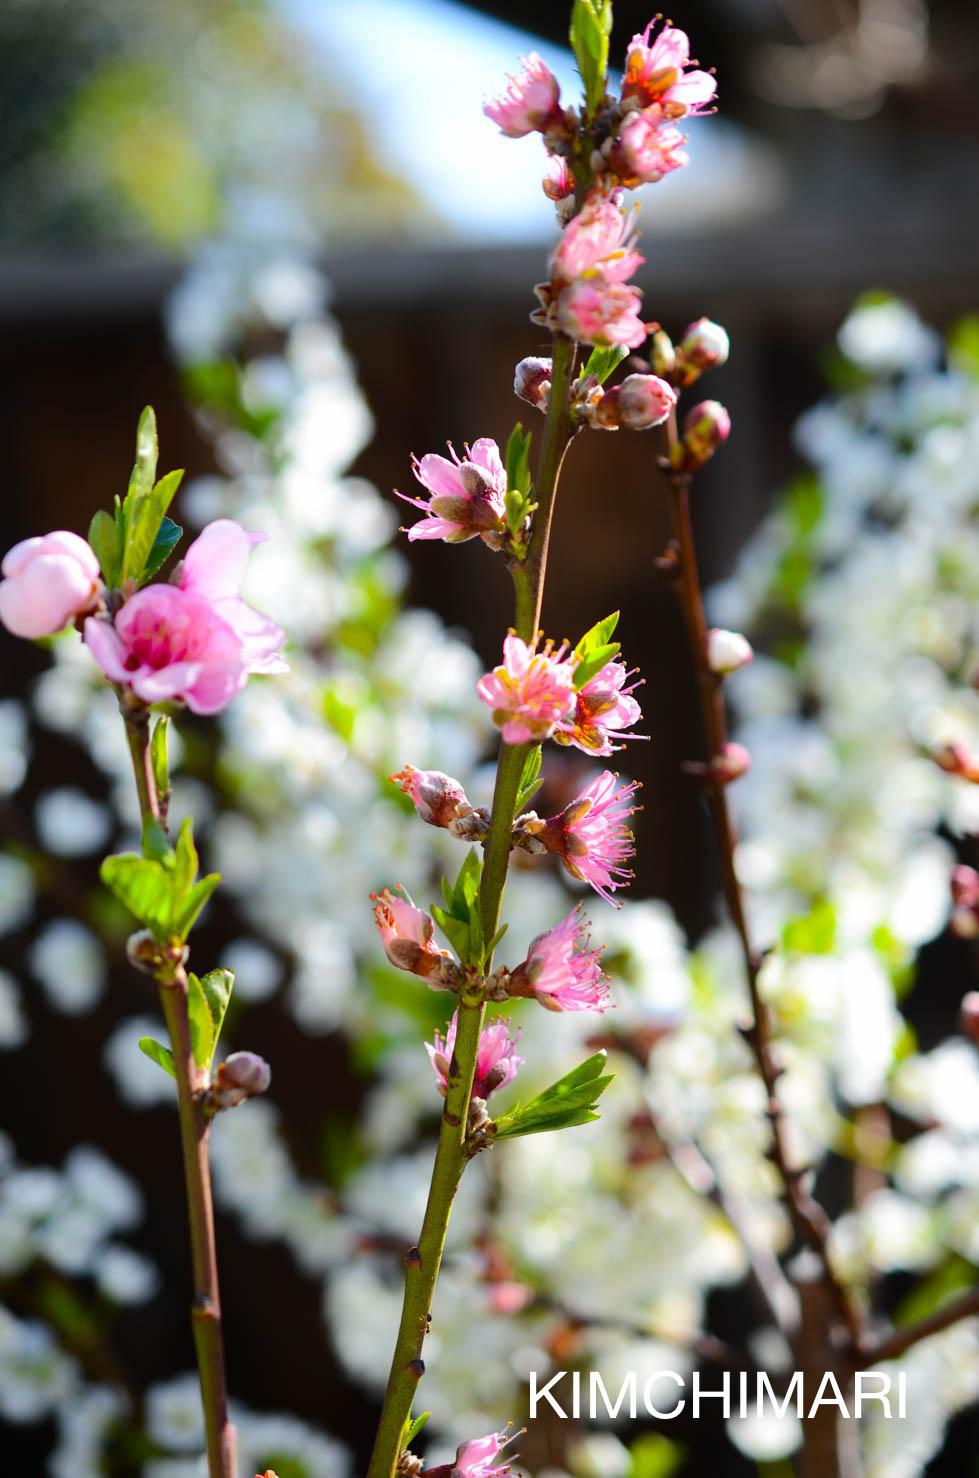 Fruit Salad Tree flowers blooming